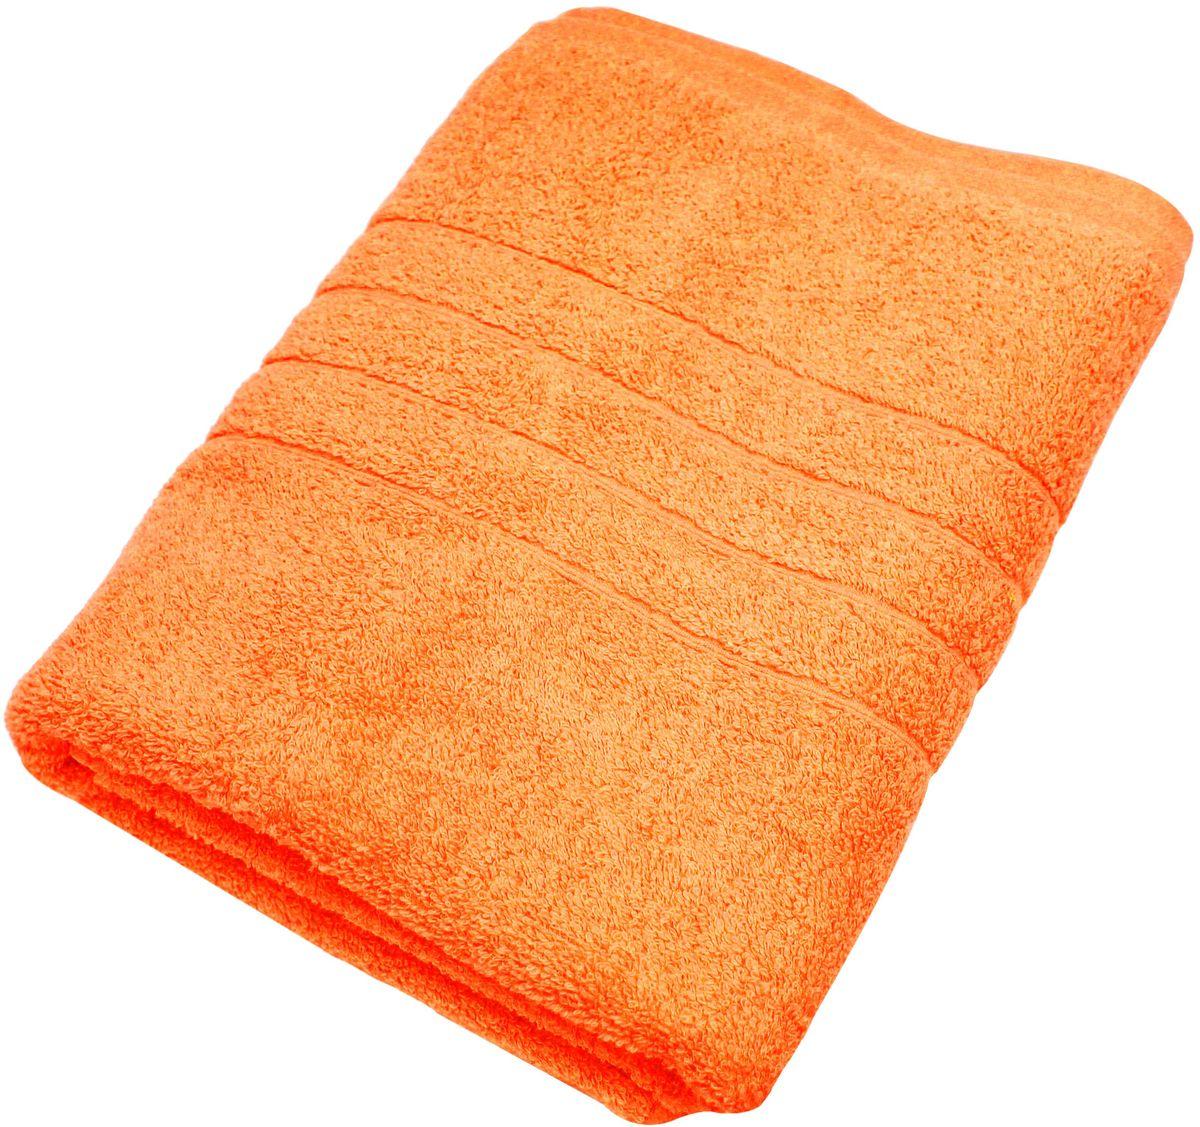 Полотенце Proffi Home Модерн, цвет: оранжевый, 70 x 140 смPH3277Мягкое махровое полотенцеProffi Home Модерн отлично впитывает влагу и быстро сохнет, приятно в него завернуться после принятия ванны или посещения сауны. Поэтому данное махровое полотенце можно использовать в качестве душевого, банного или пляжного полотенца.Состав: 100% хлопок.